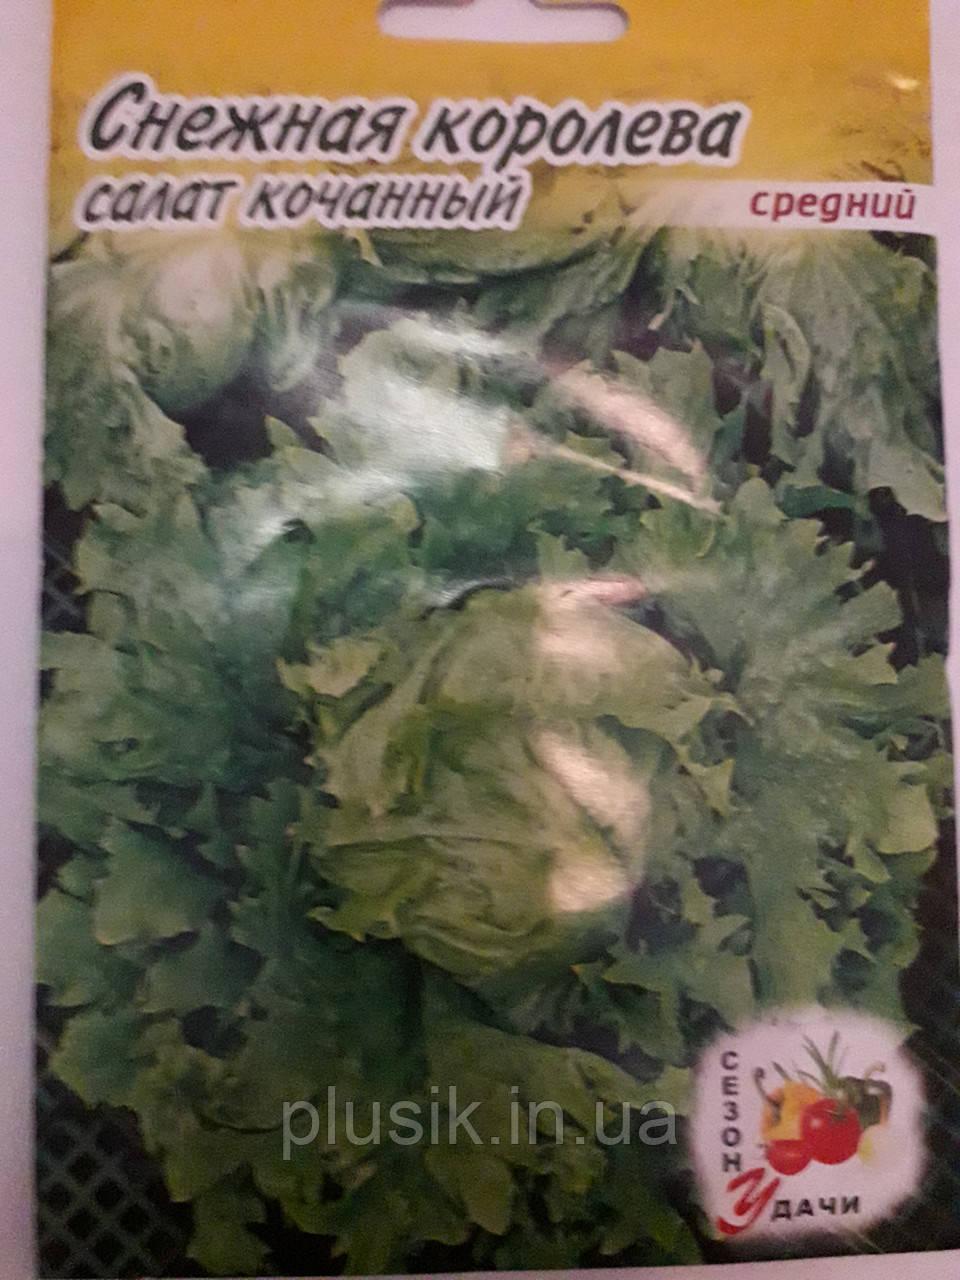 Салат кочанный Снежная Королева средний 5 г (минимальный заказ 10 пачек)